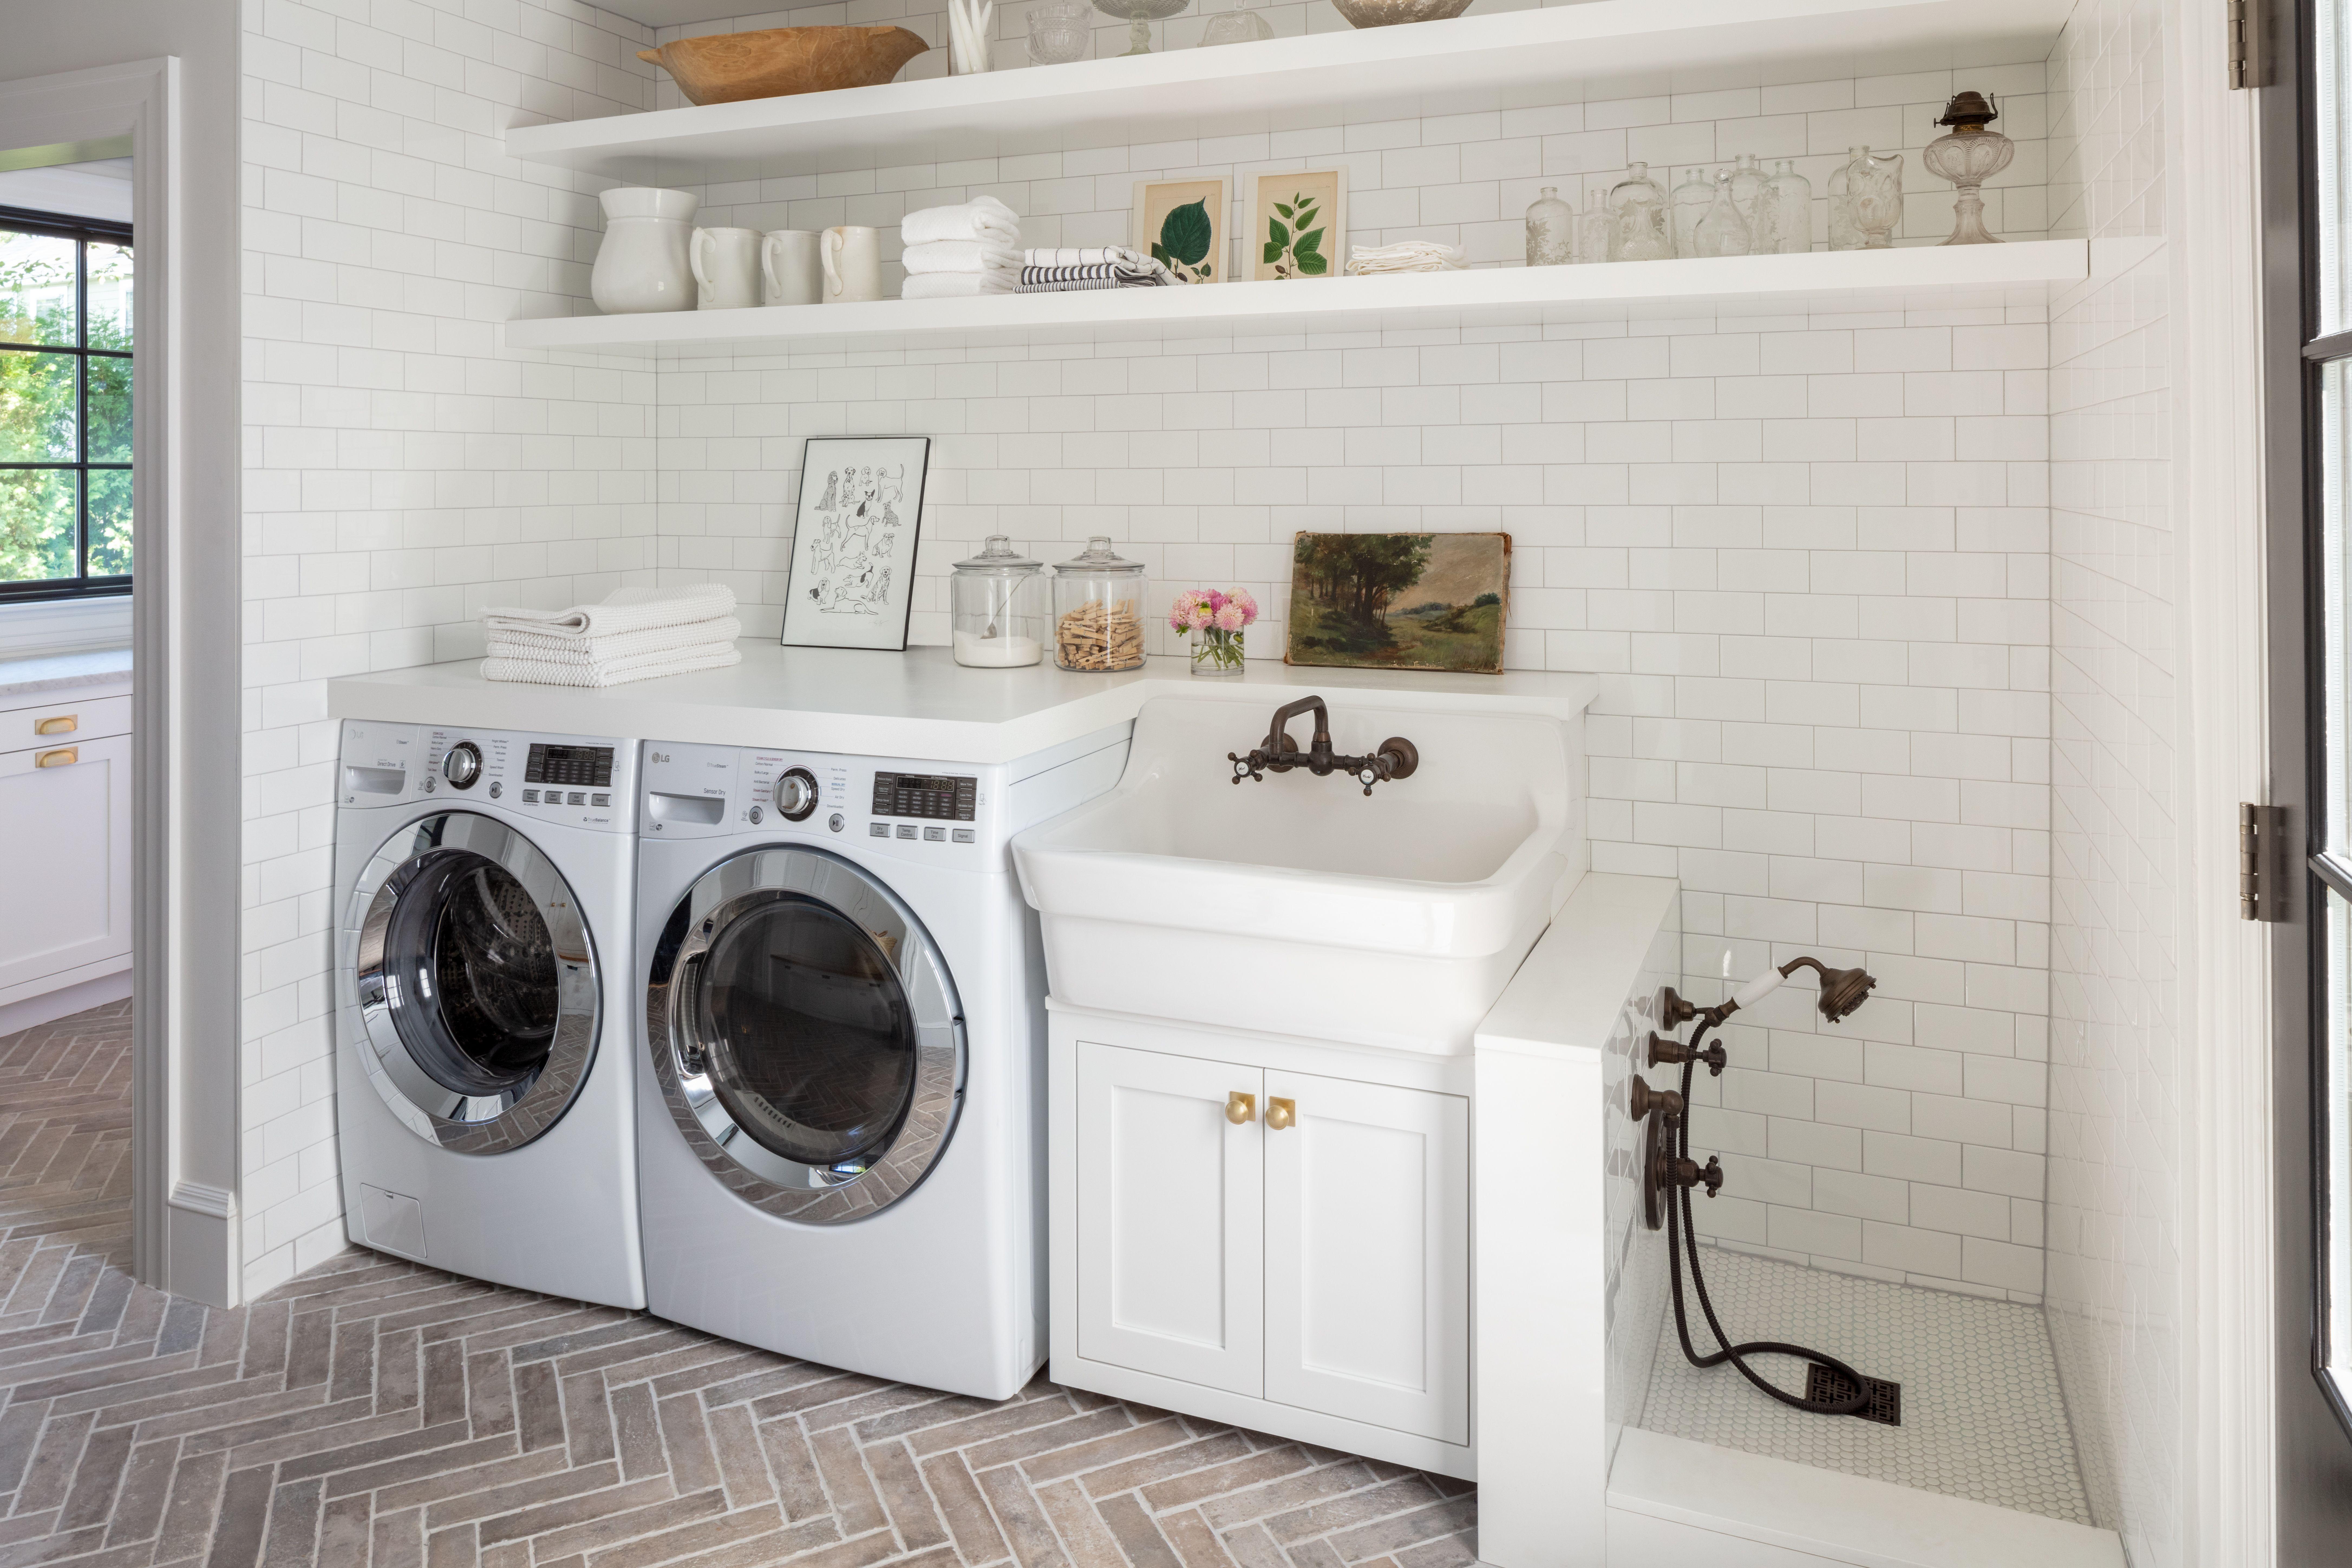 laundry room dog shower Laundry room design, Stylish